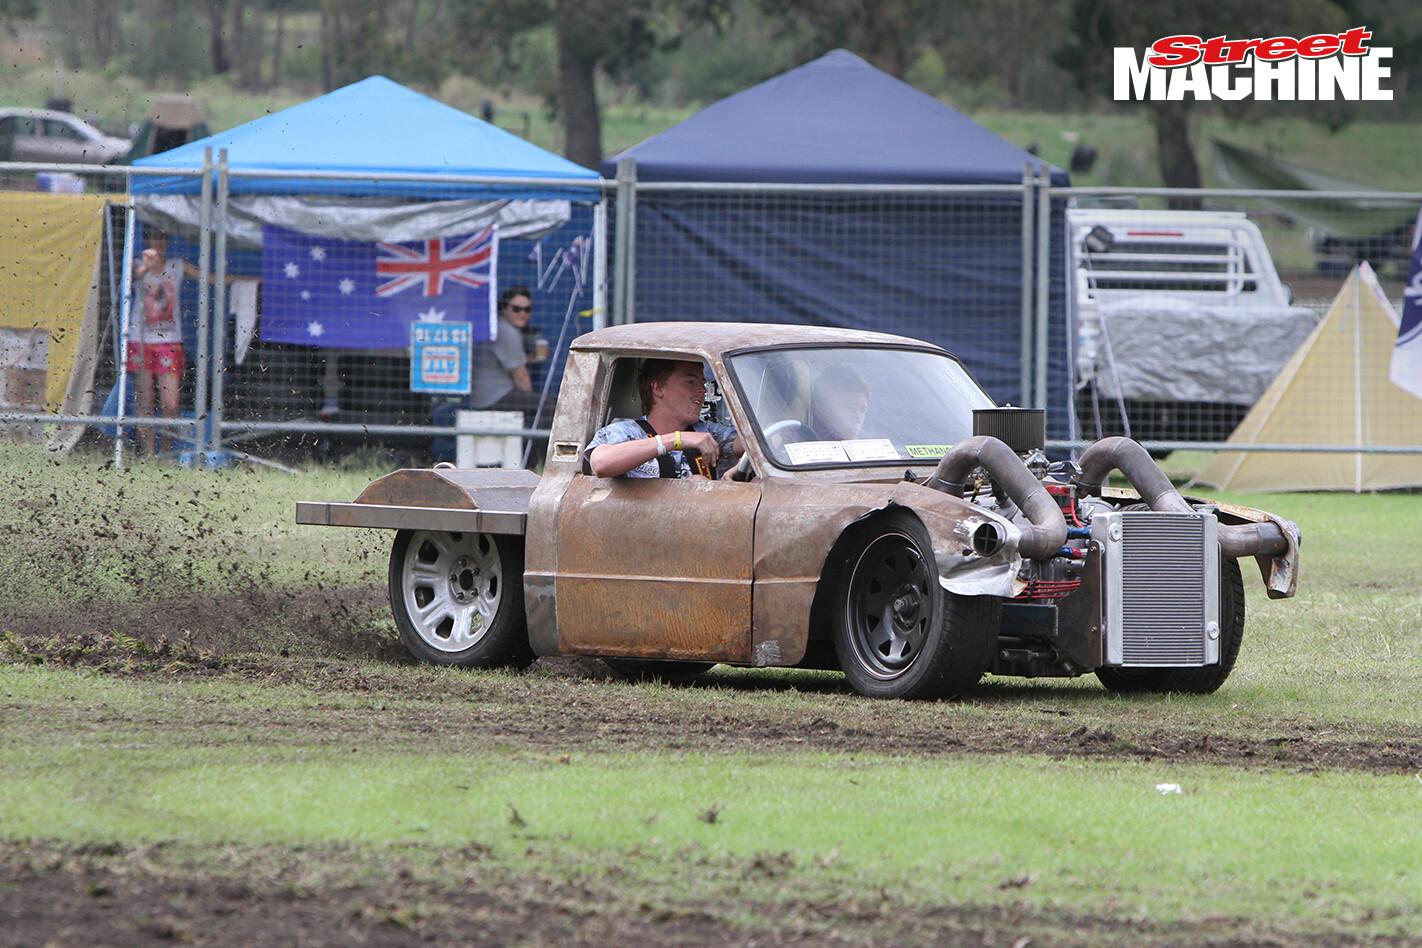 SUSLS1 Mazda Ute Burnout 10 Nw